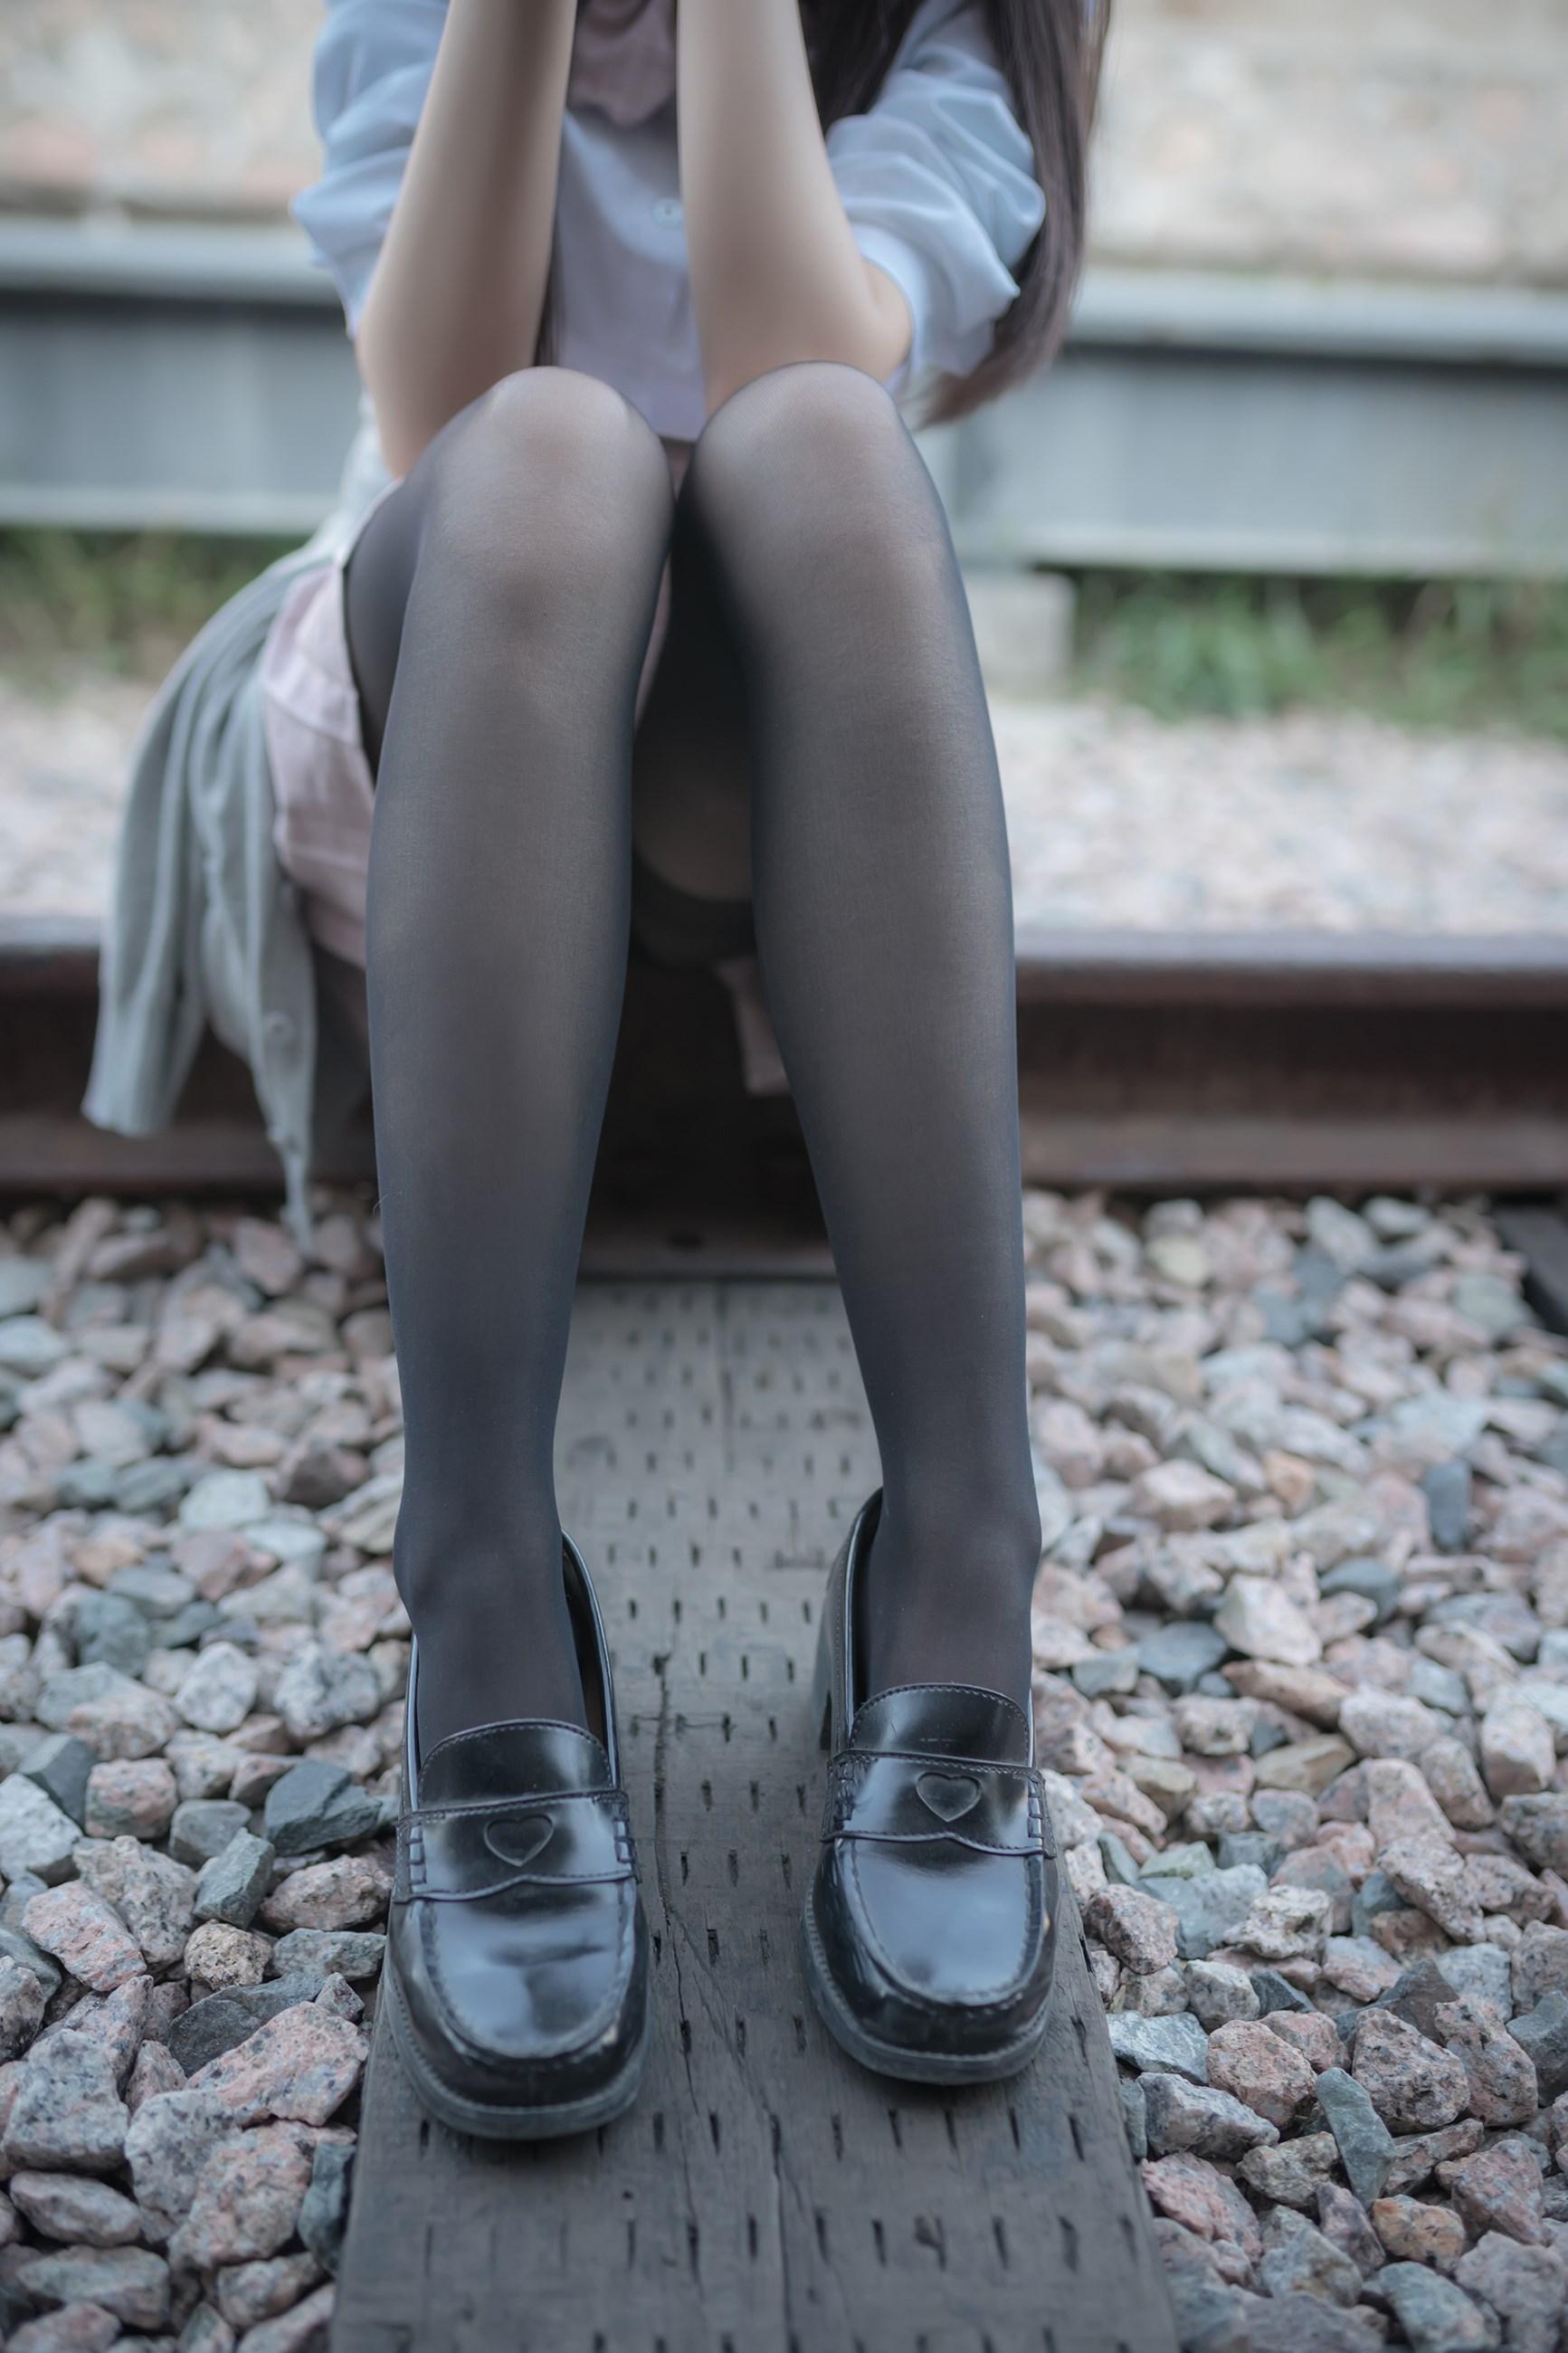 【兔玩映画】铁轨旁的小细腿 兔玩映画 第10张